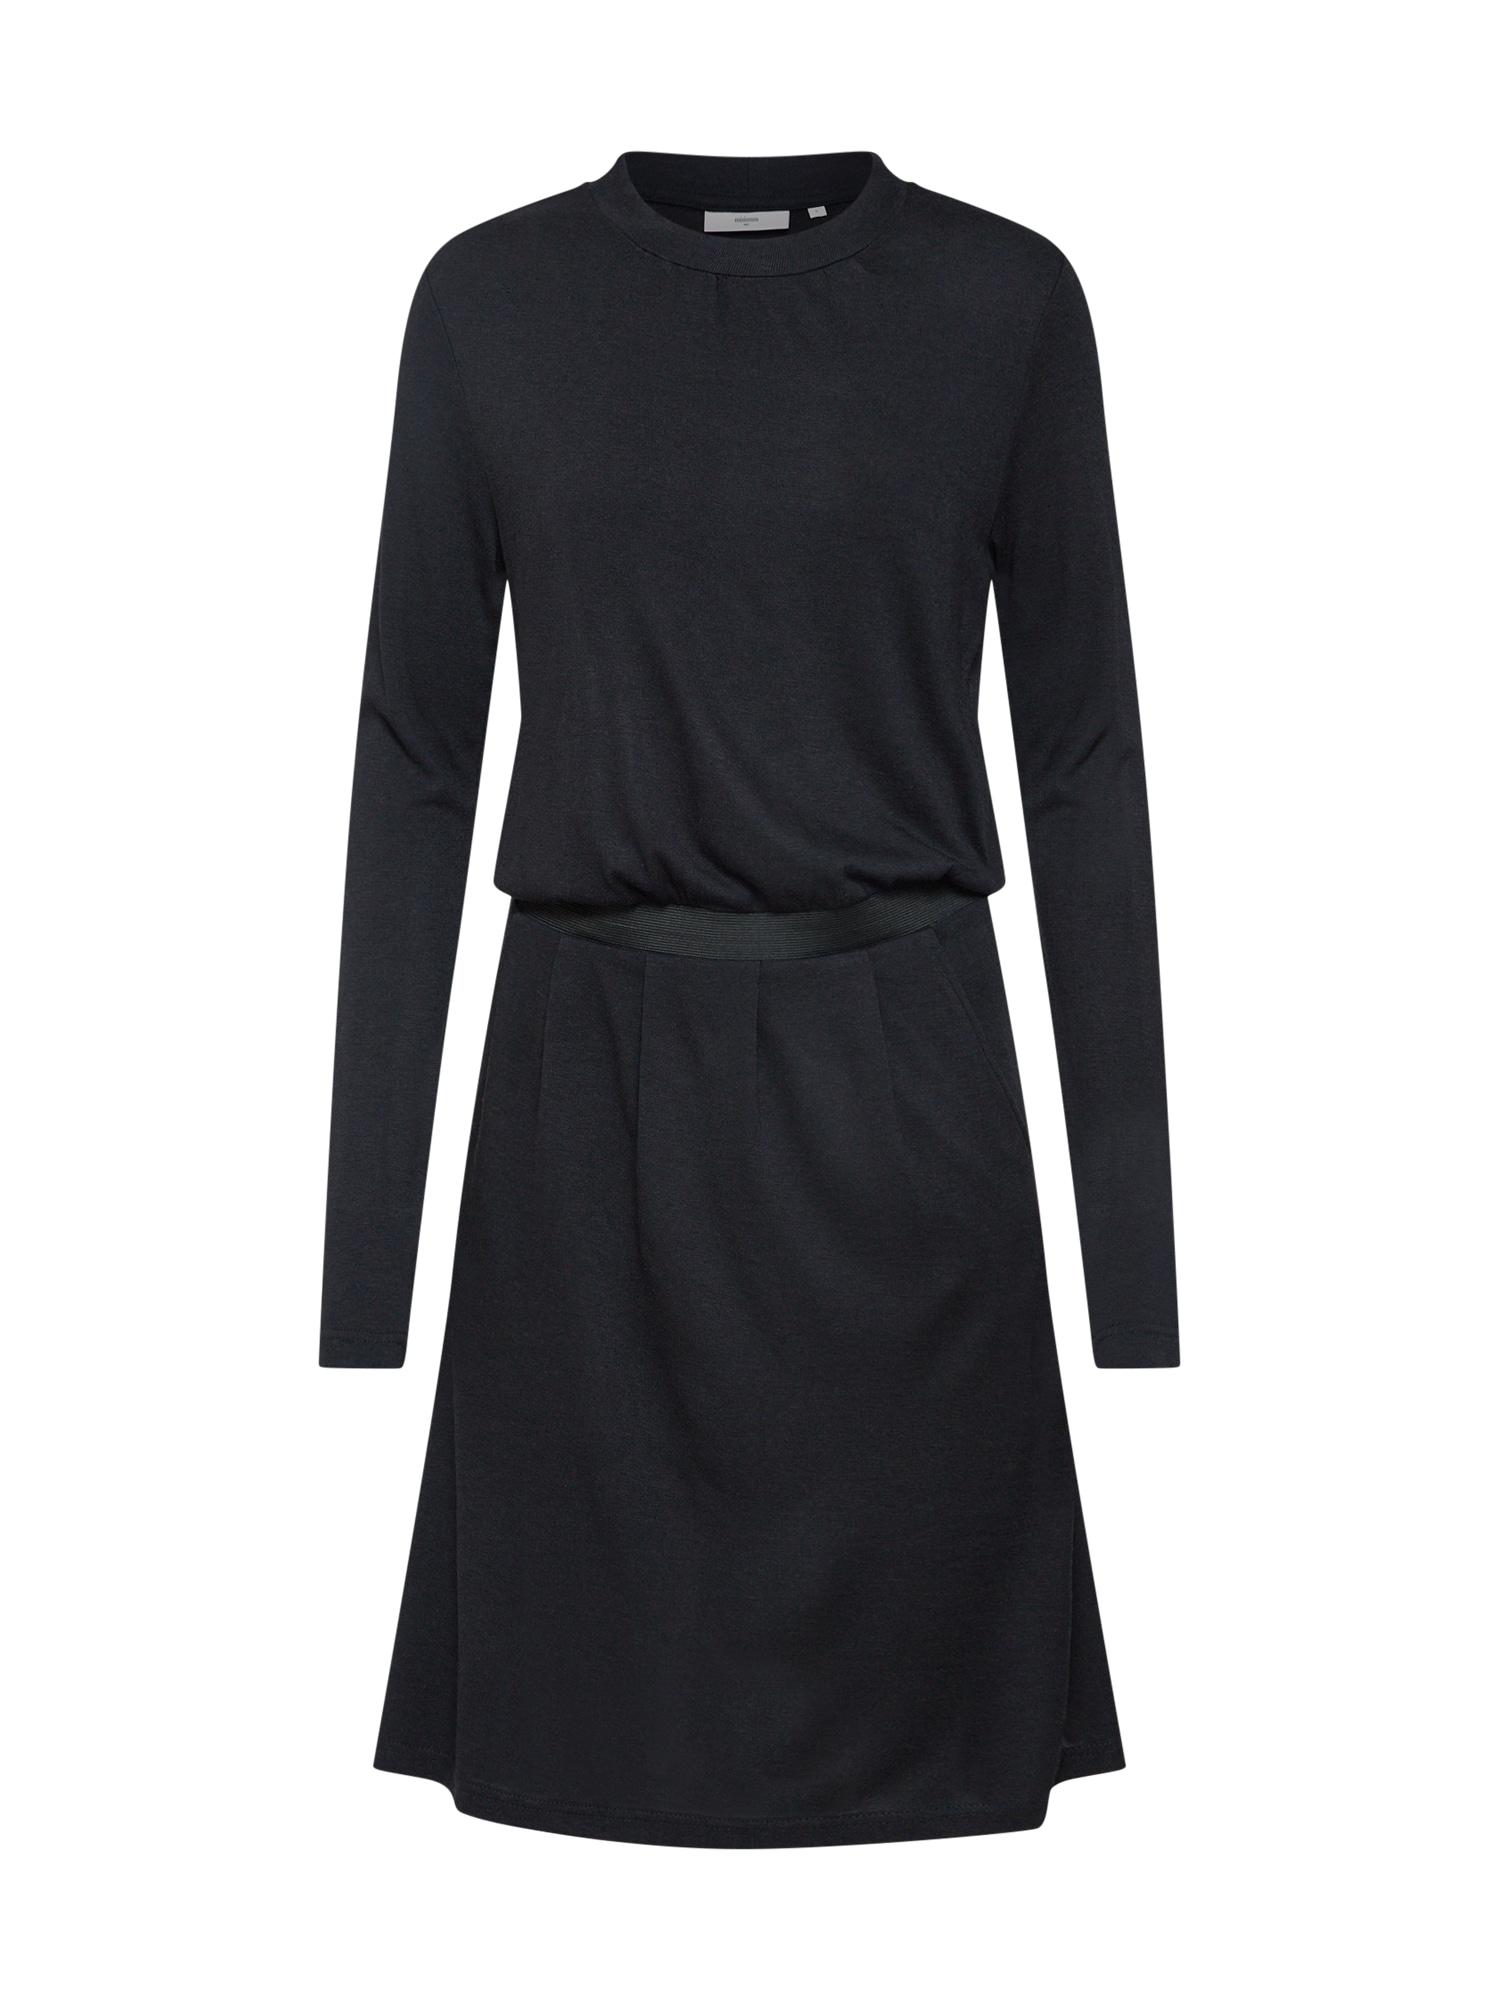 Šaty Araminta černá Minimum